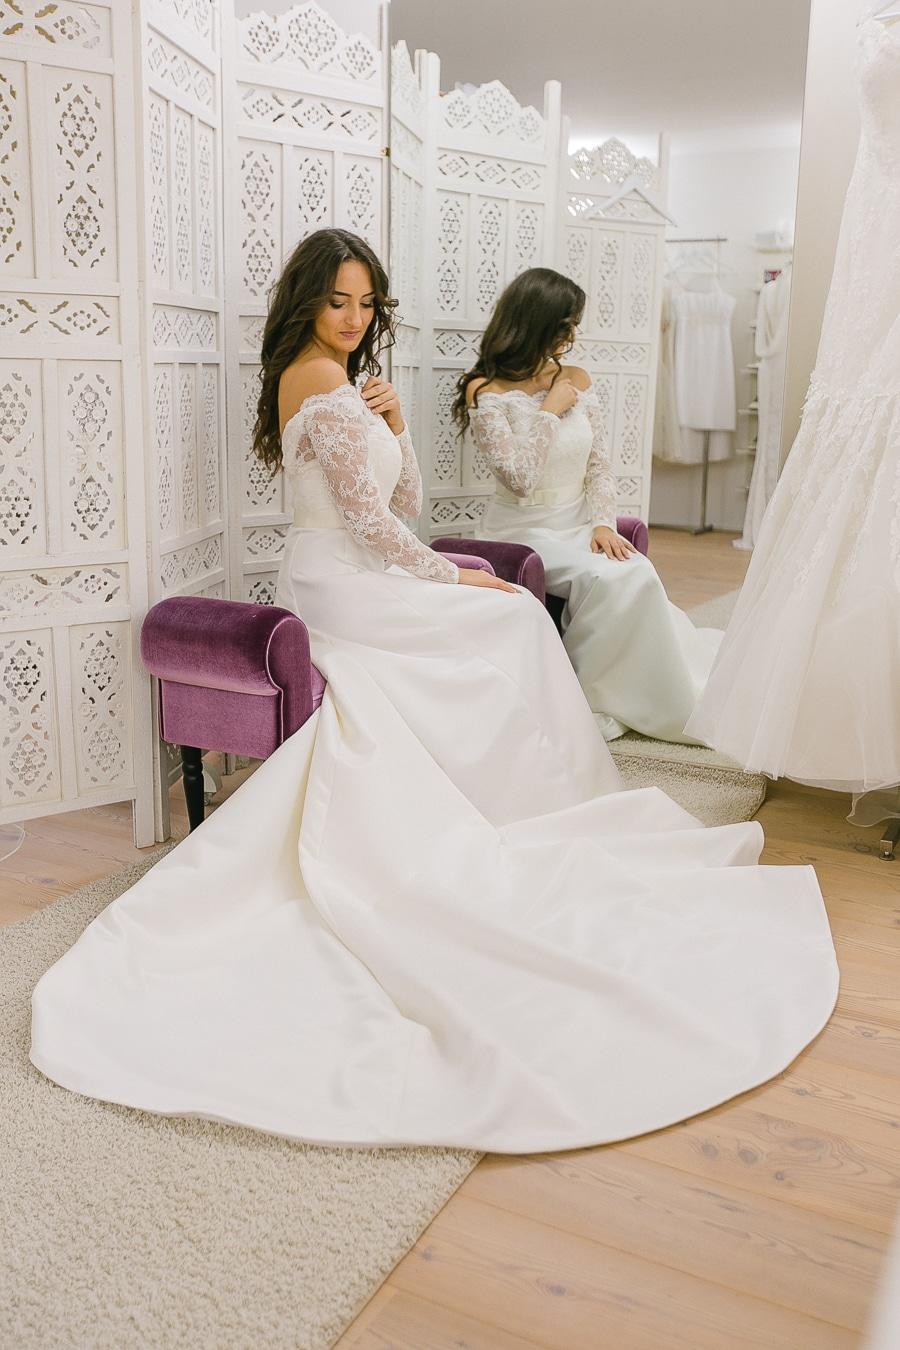 Brautkleid leichter finden - Tipps für den Besuch im Brautladen